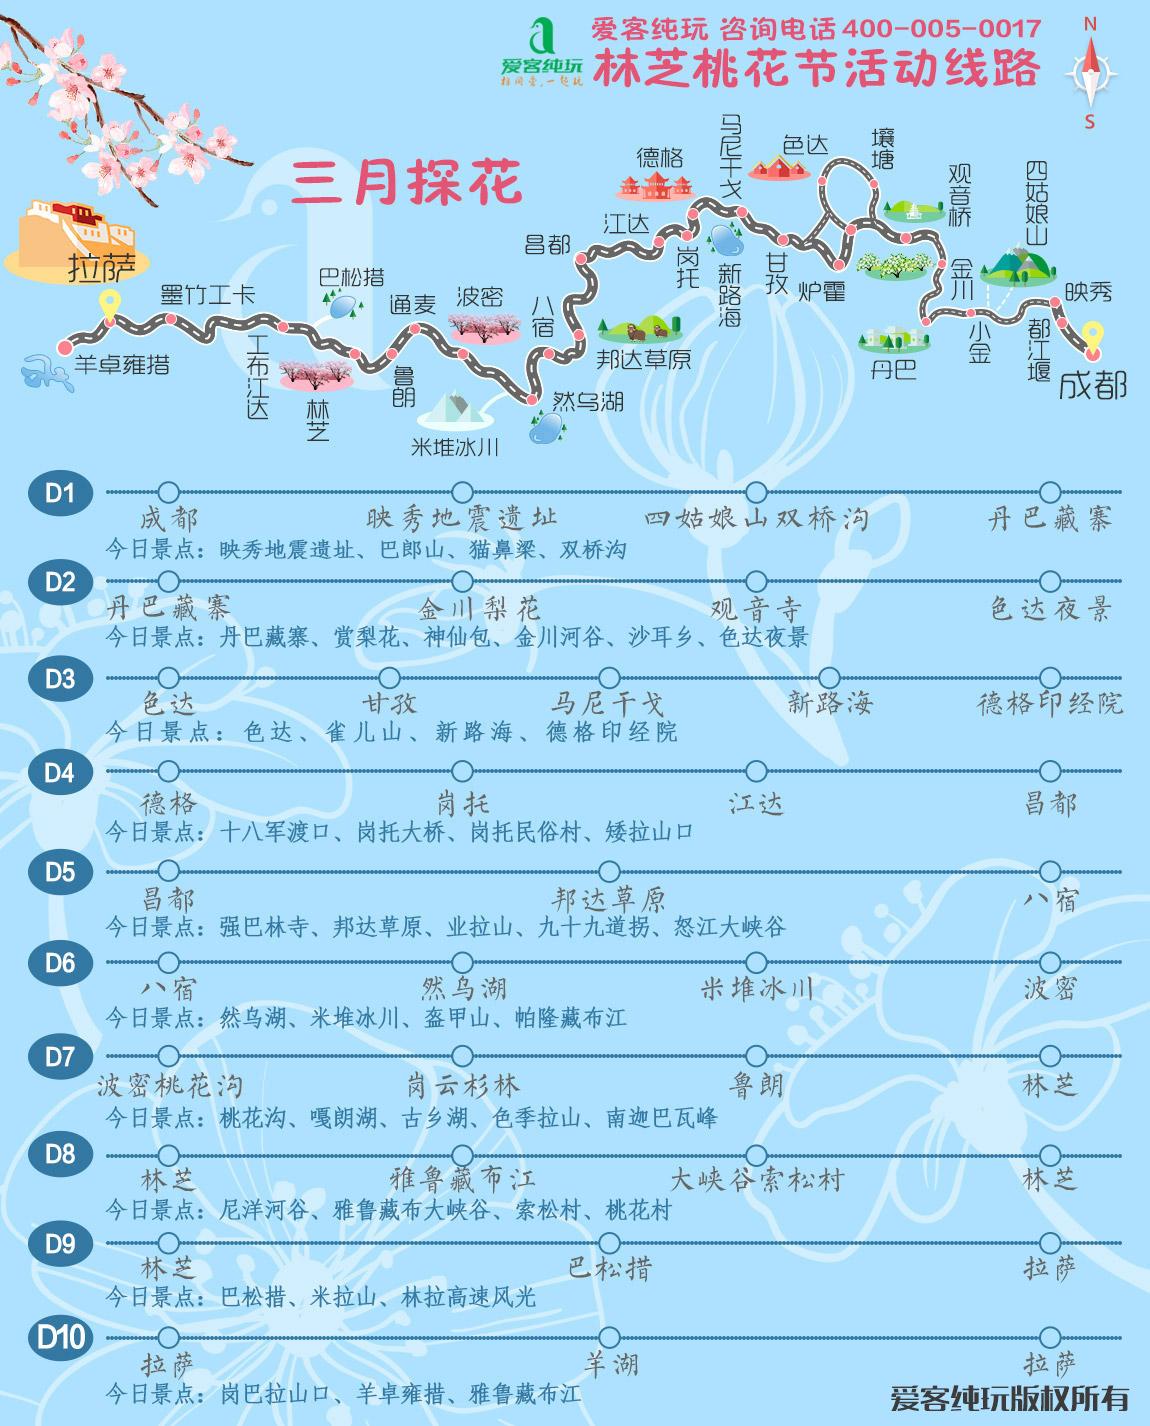 三月探花_2020-广告图-有logo-版权标识